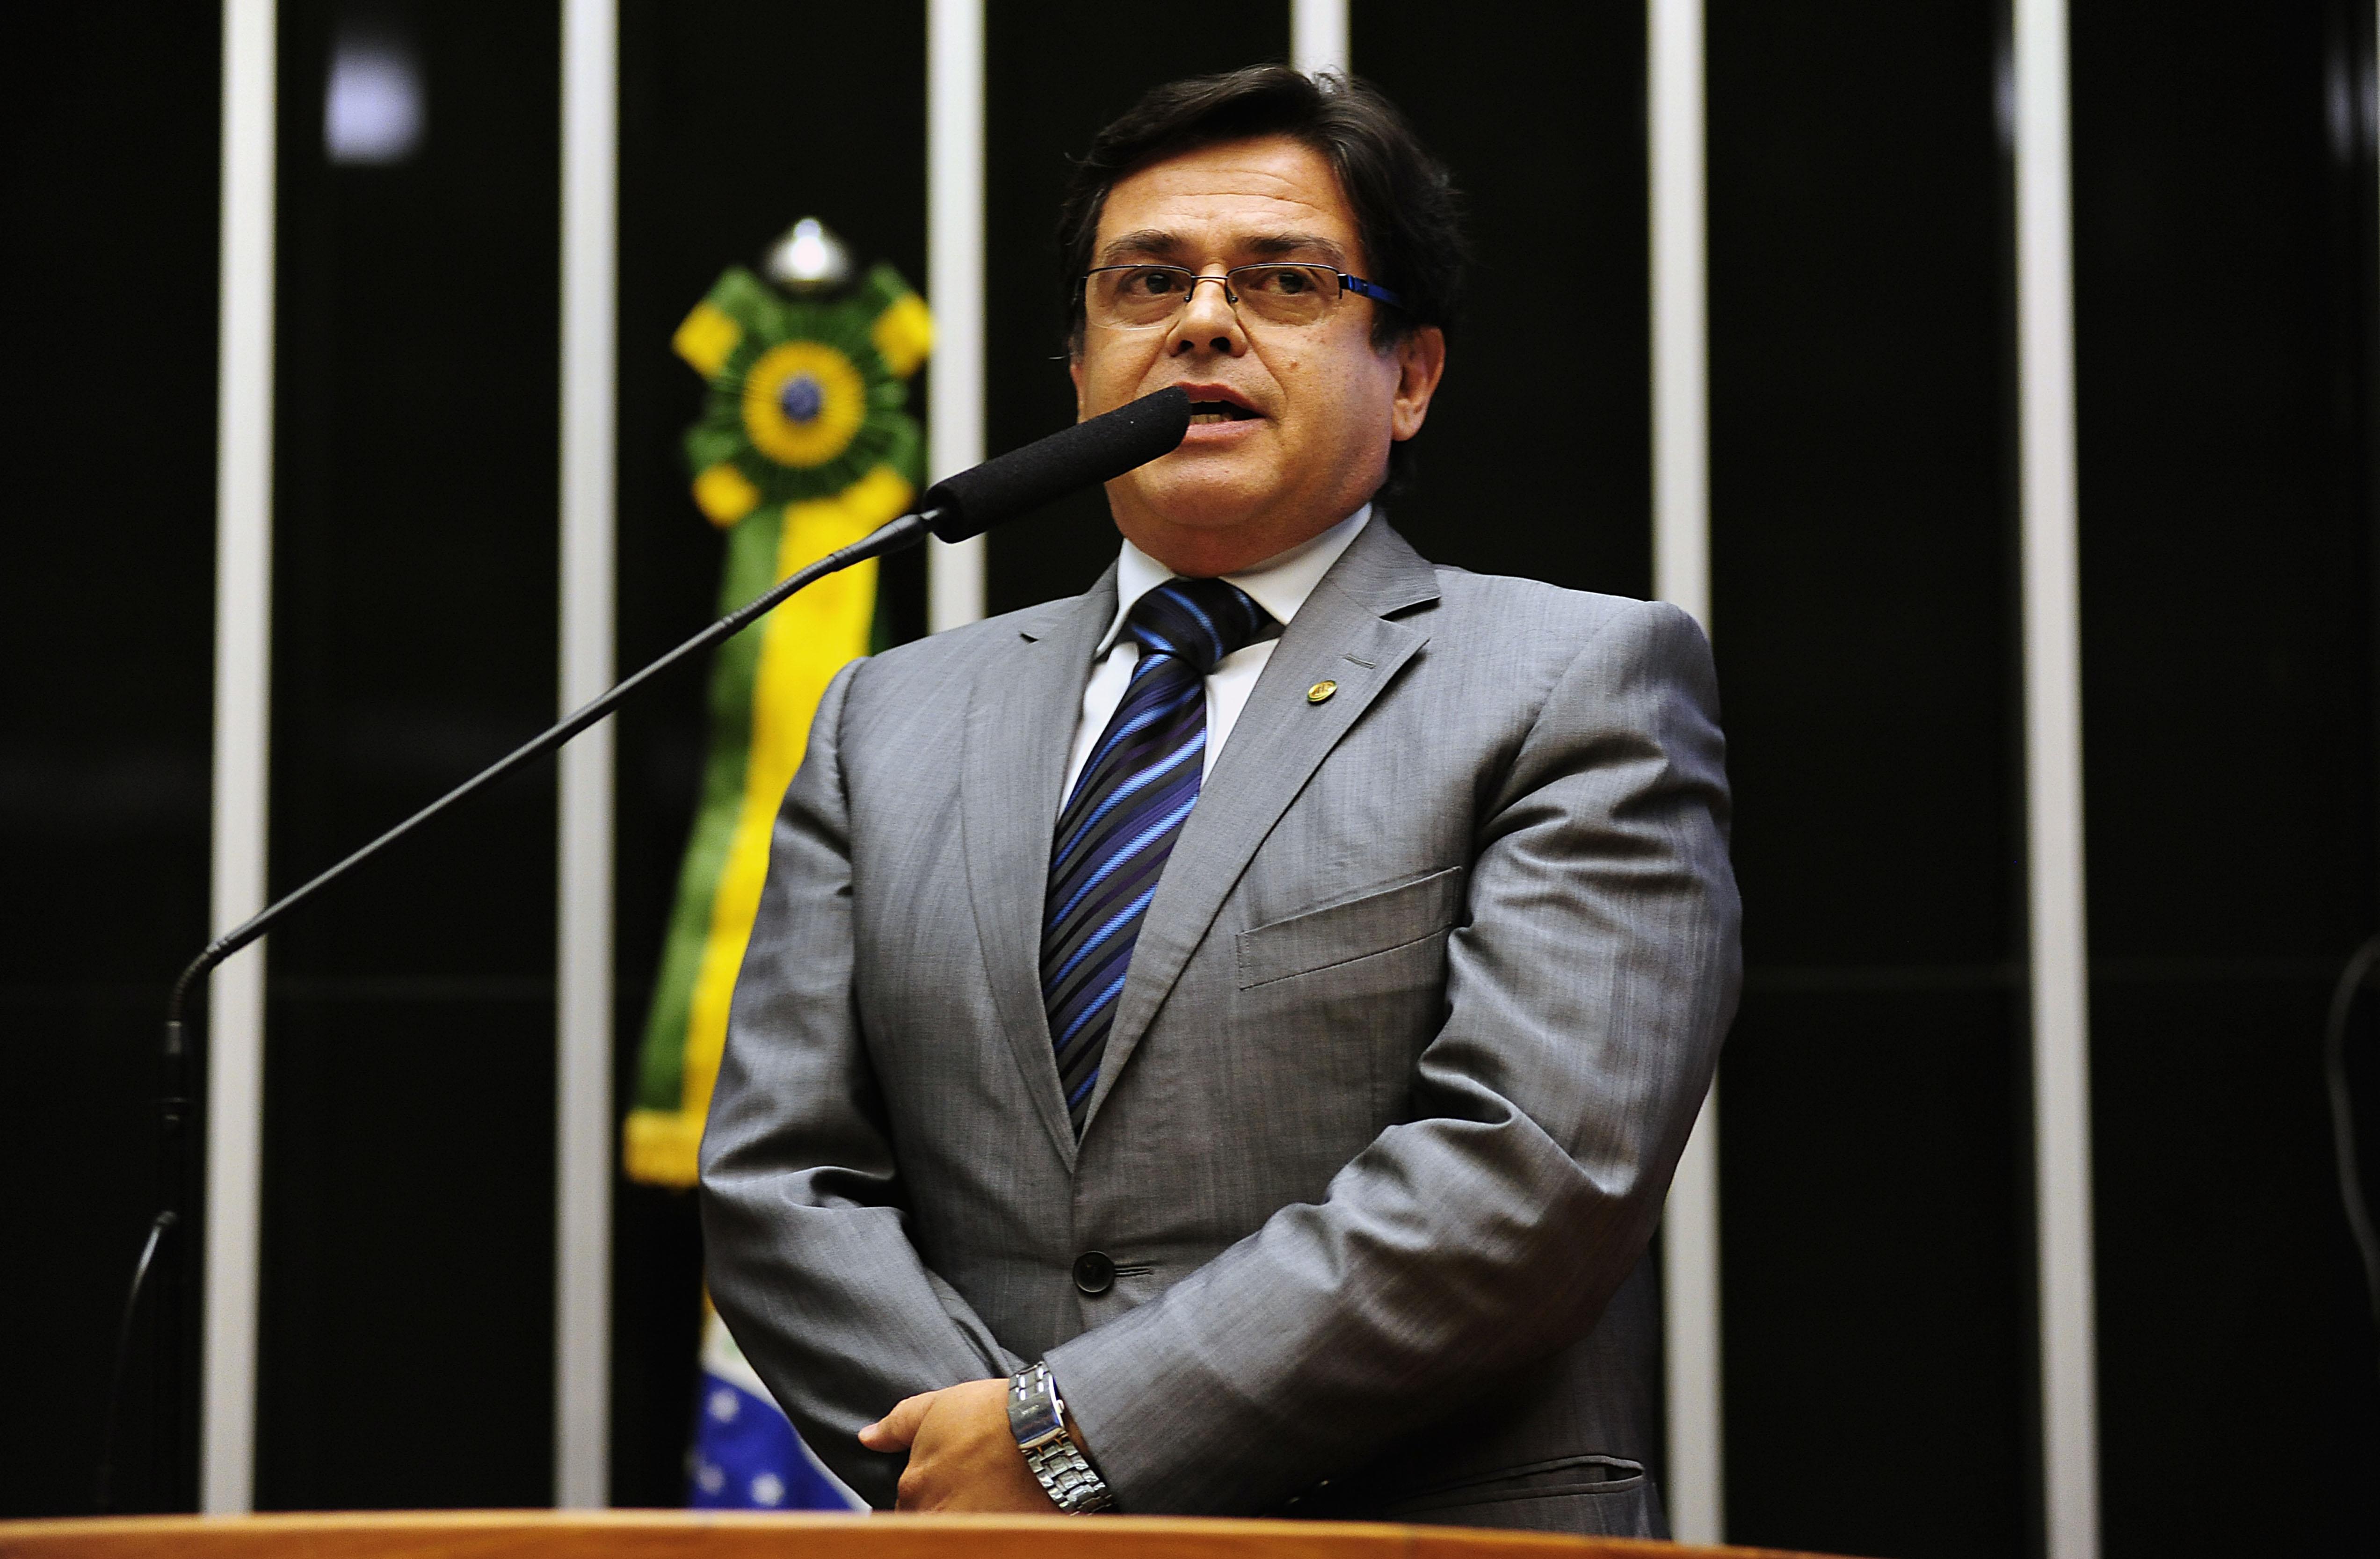 Banco Mundial: educação ineficiente interfere no potencial produtivo do brasileiro